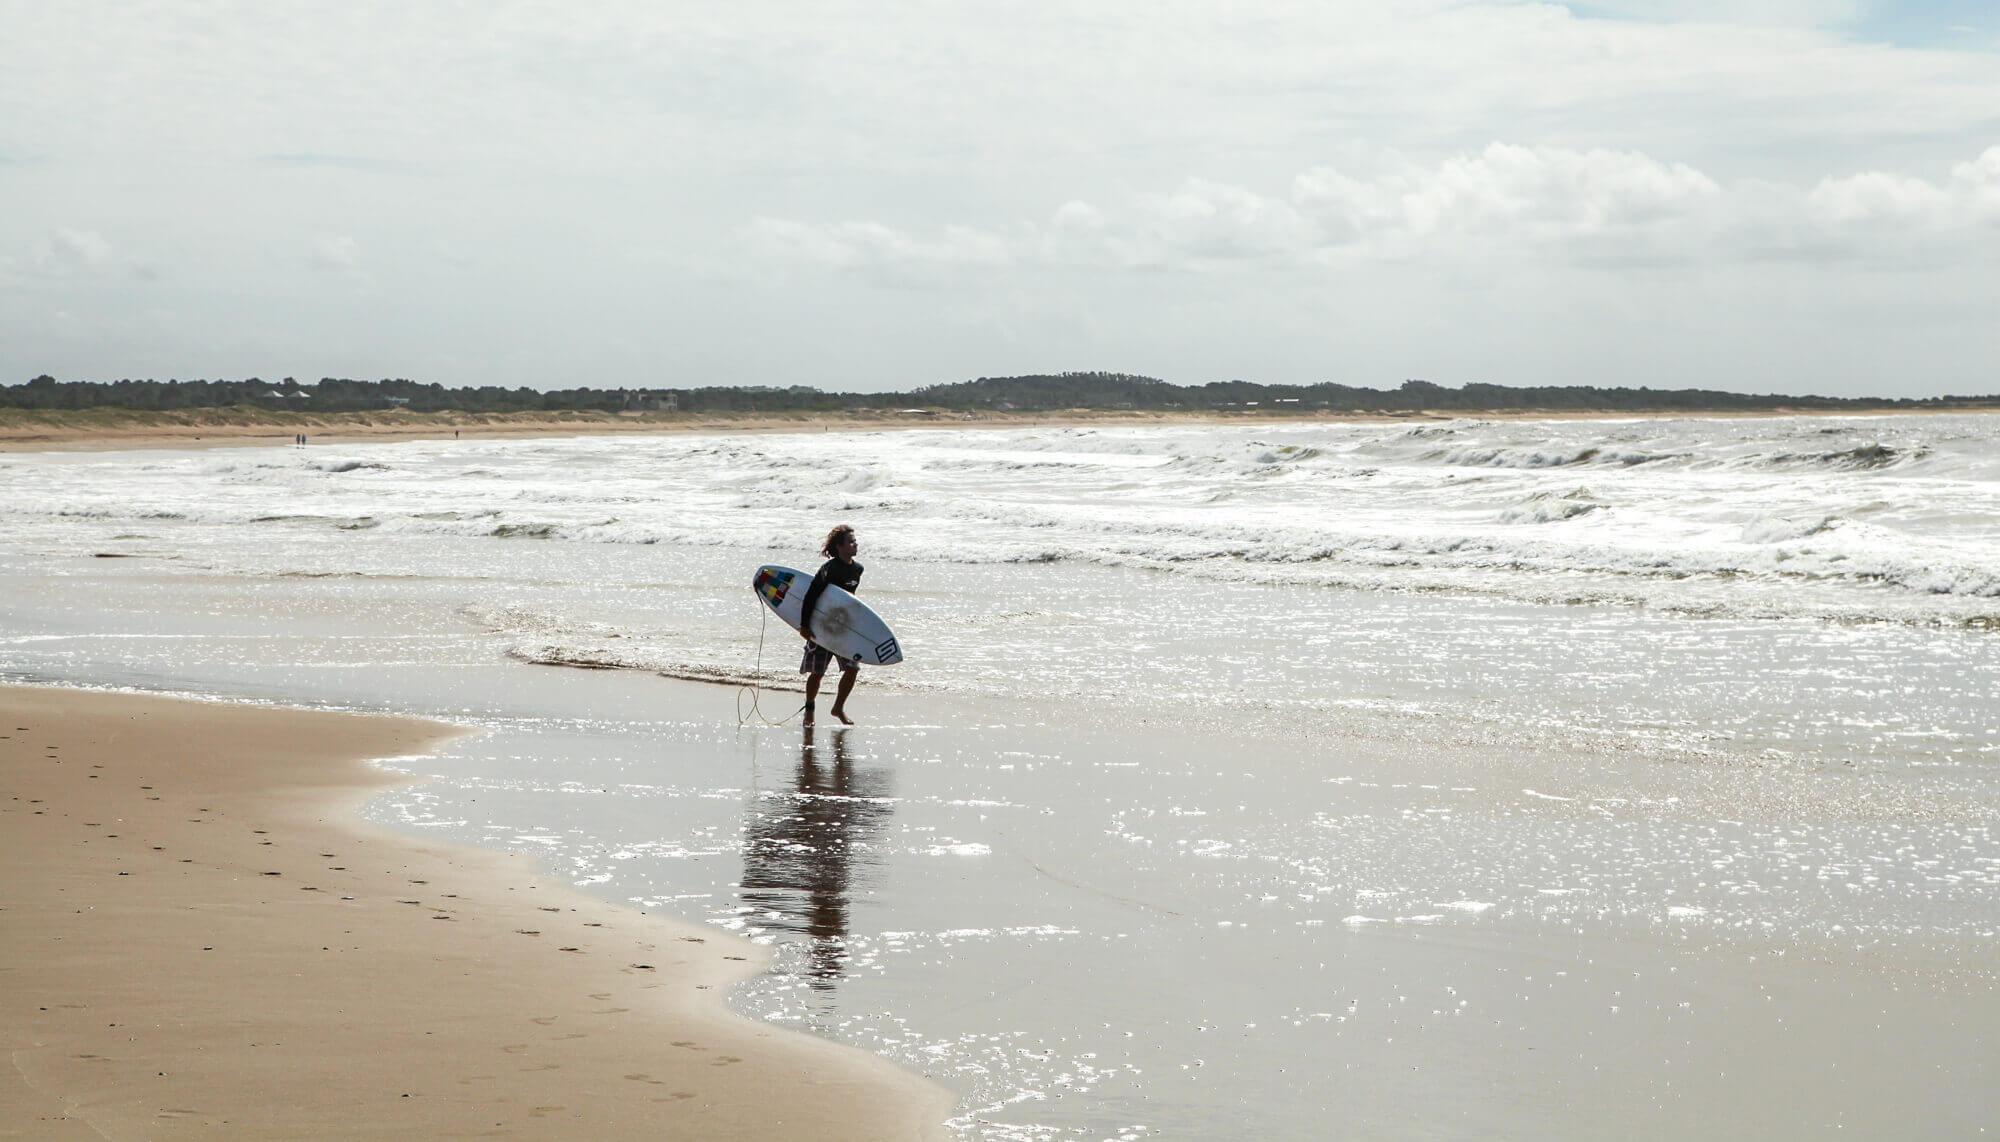 Surfing in Jose Ignacio